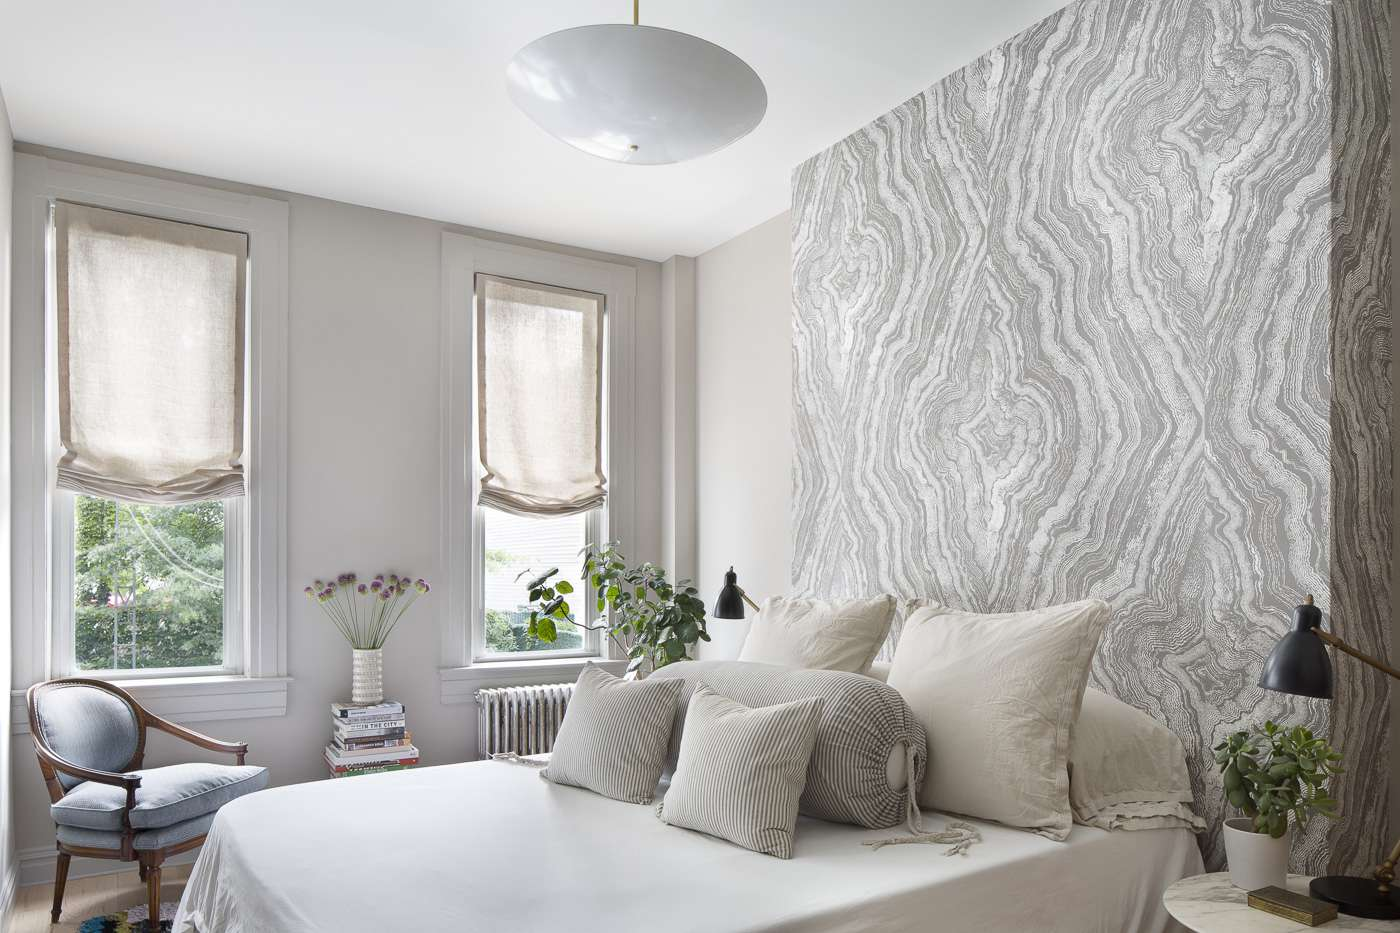 Faux stone wallpaper in bedroom